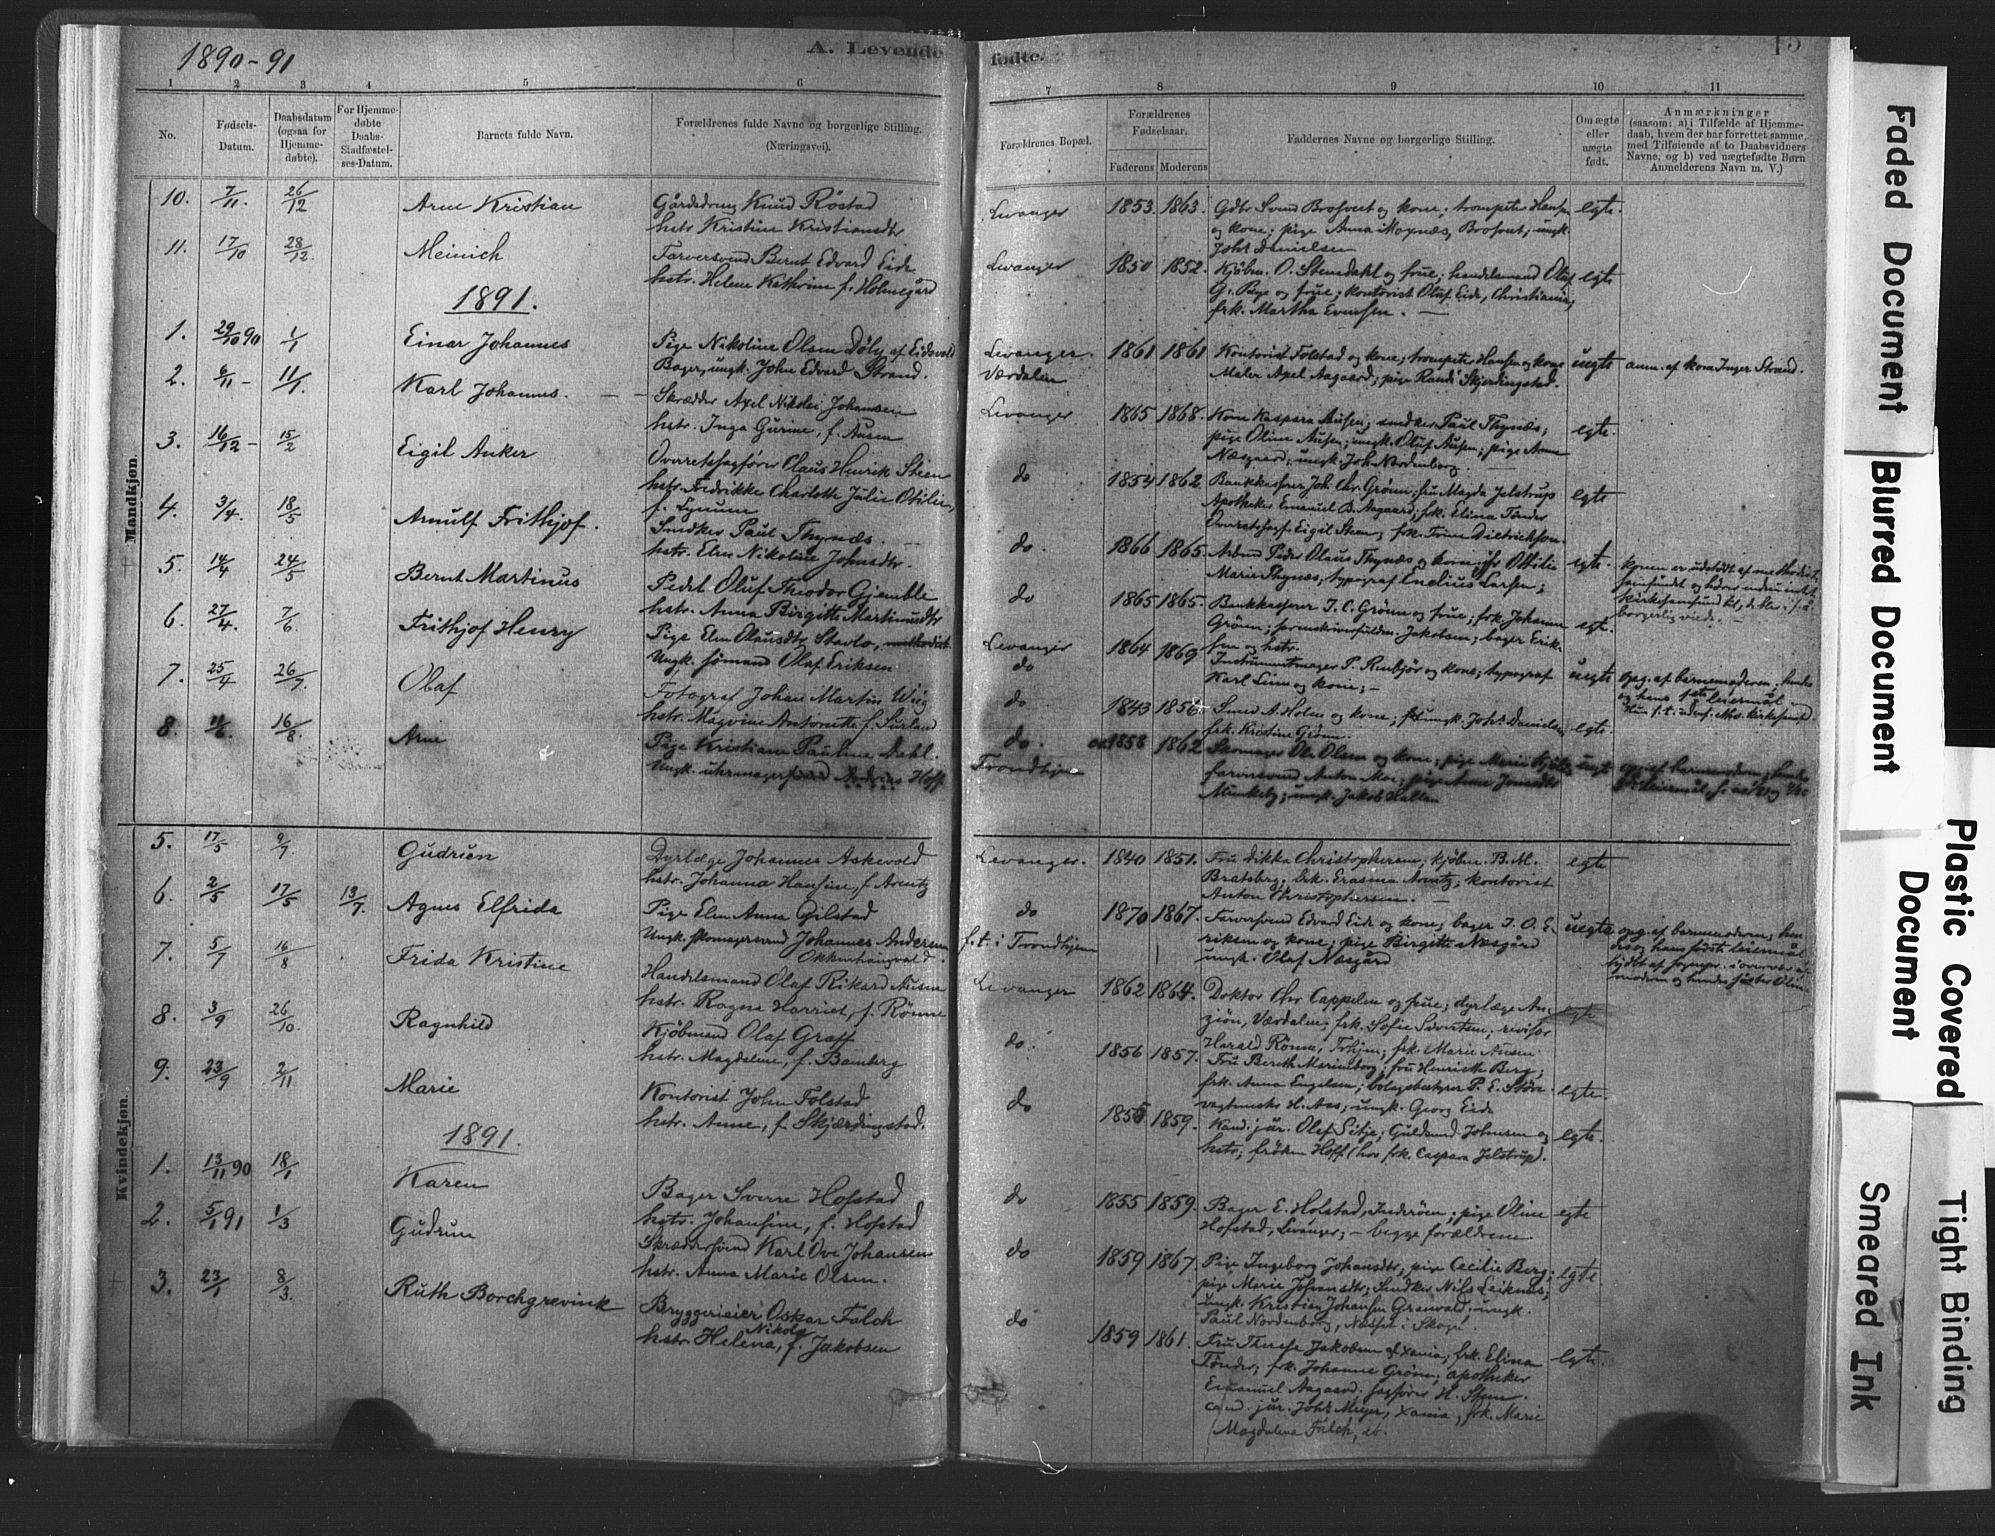 SAT, Ministerialprotokoller, klokkerbøker og fødselsregistre - Nord-Trøndelag, 720/L0189: Ministerialbok nr. 720A05, 1880-1911, s. 15